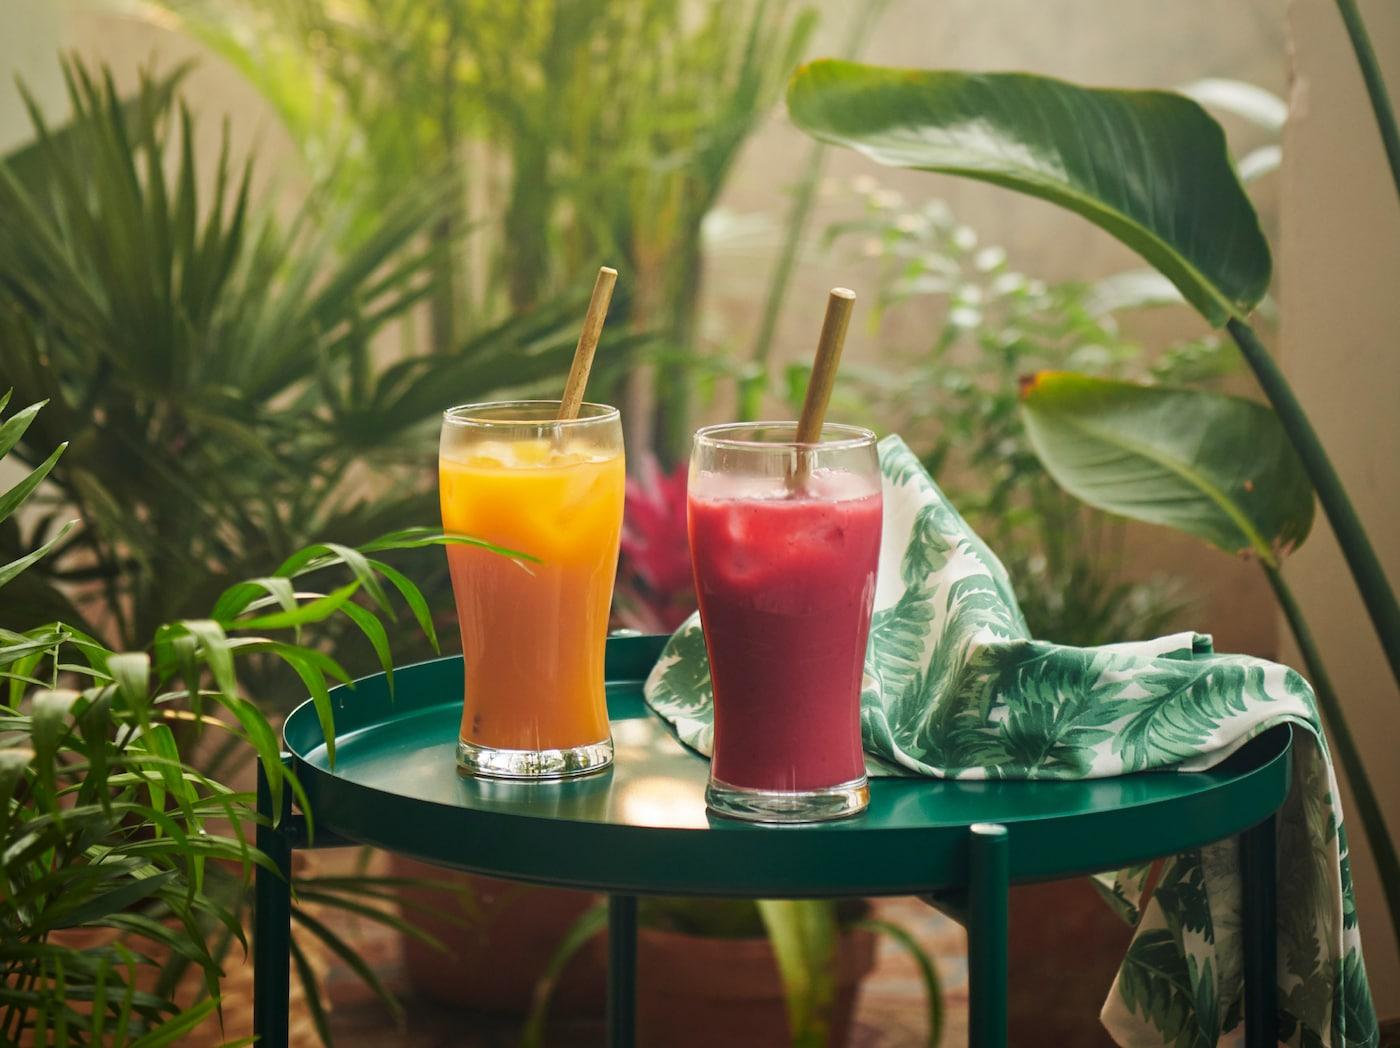 2 glas med FRUKTSTUND blendede smoothieblandinger – et med den gule blanding af tropiske frugter og et med den røde jordbærblanding – på et grønt bord mellem planter.